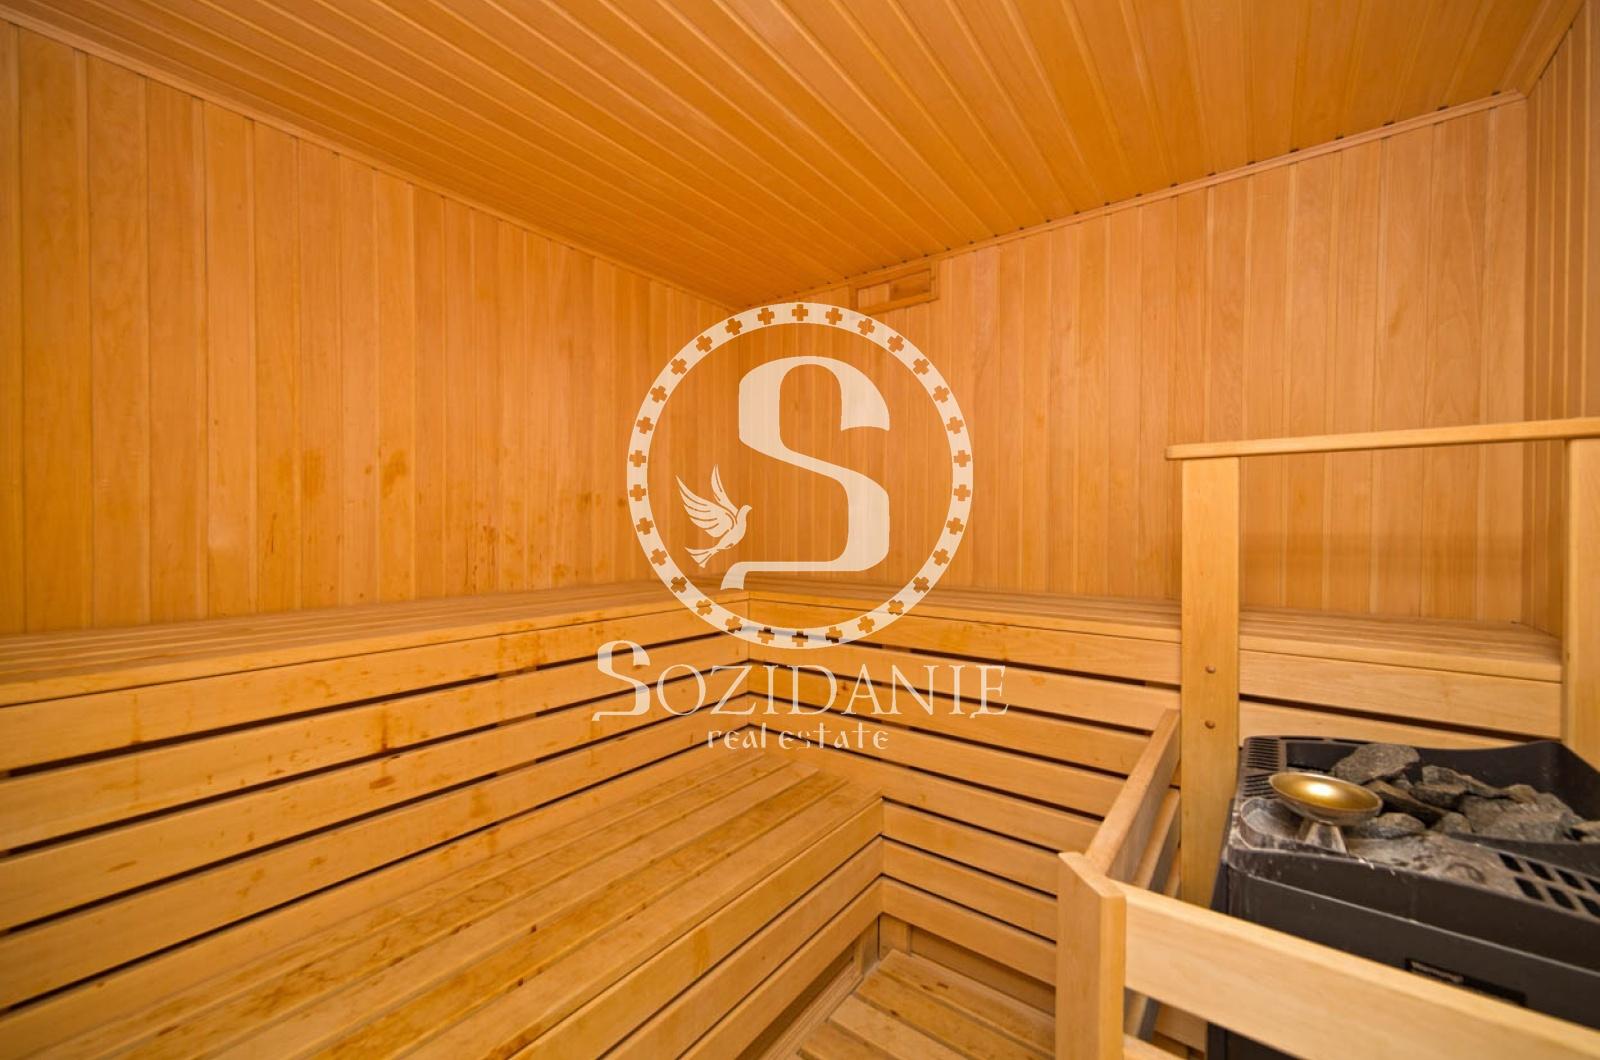 5 Bedrooms, Загородная, Продажа, Listing ID 2719, Московская область, Россия,